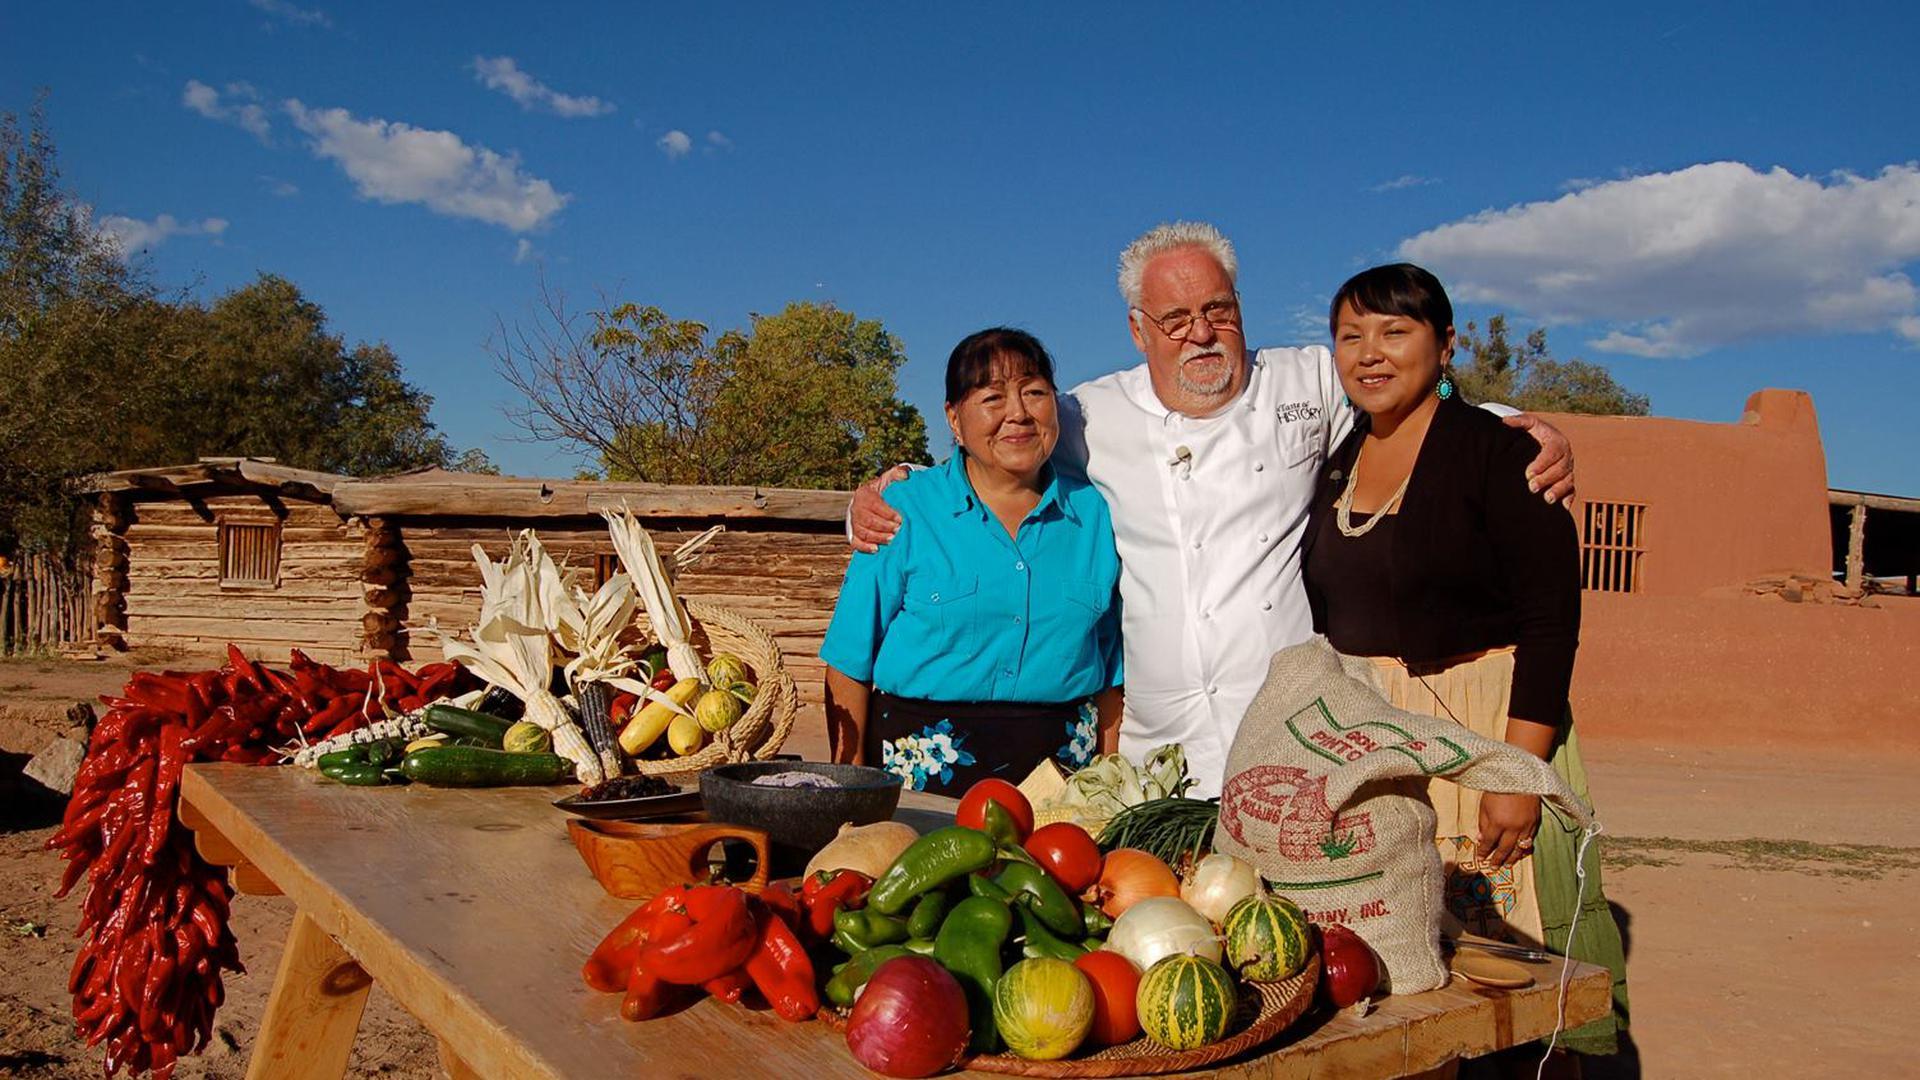 Ein Mann und zwei Frauen stehen Arm in Arm vor einem Tisch mit Gemüse und Obst.